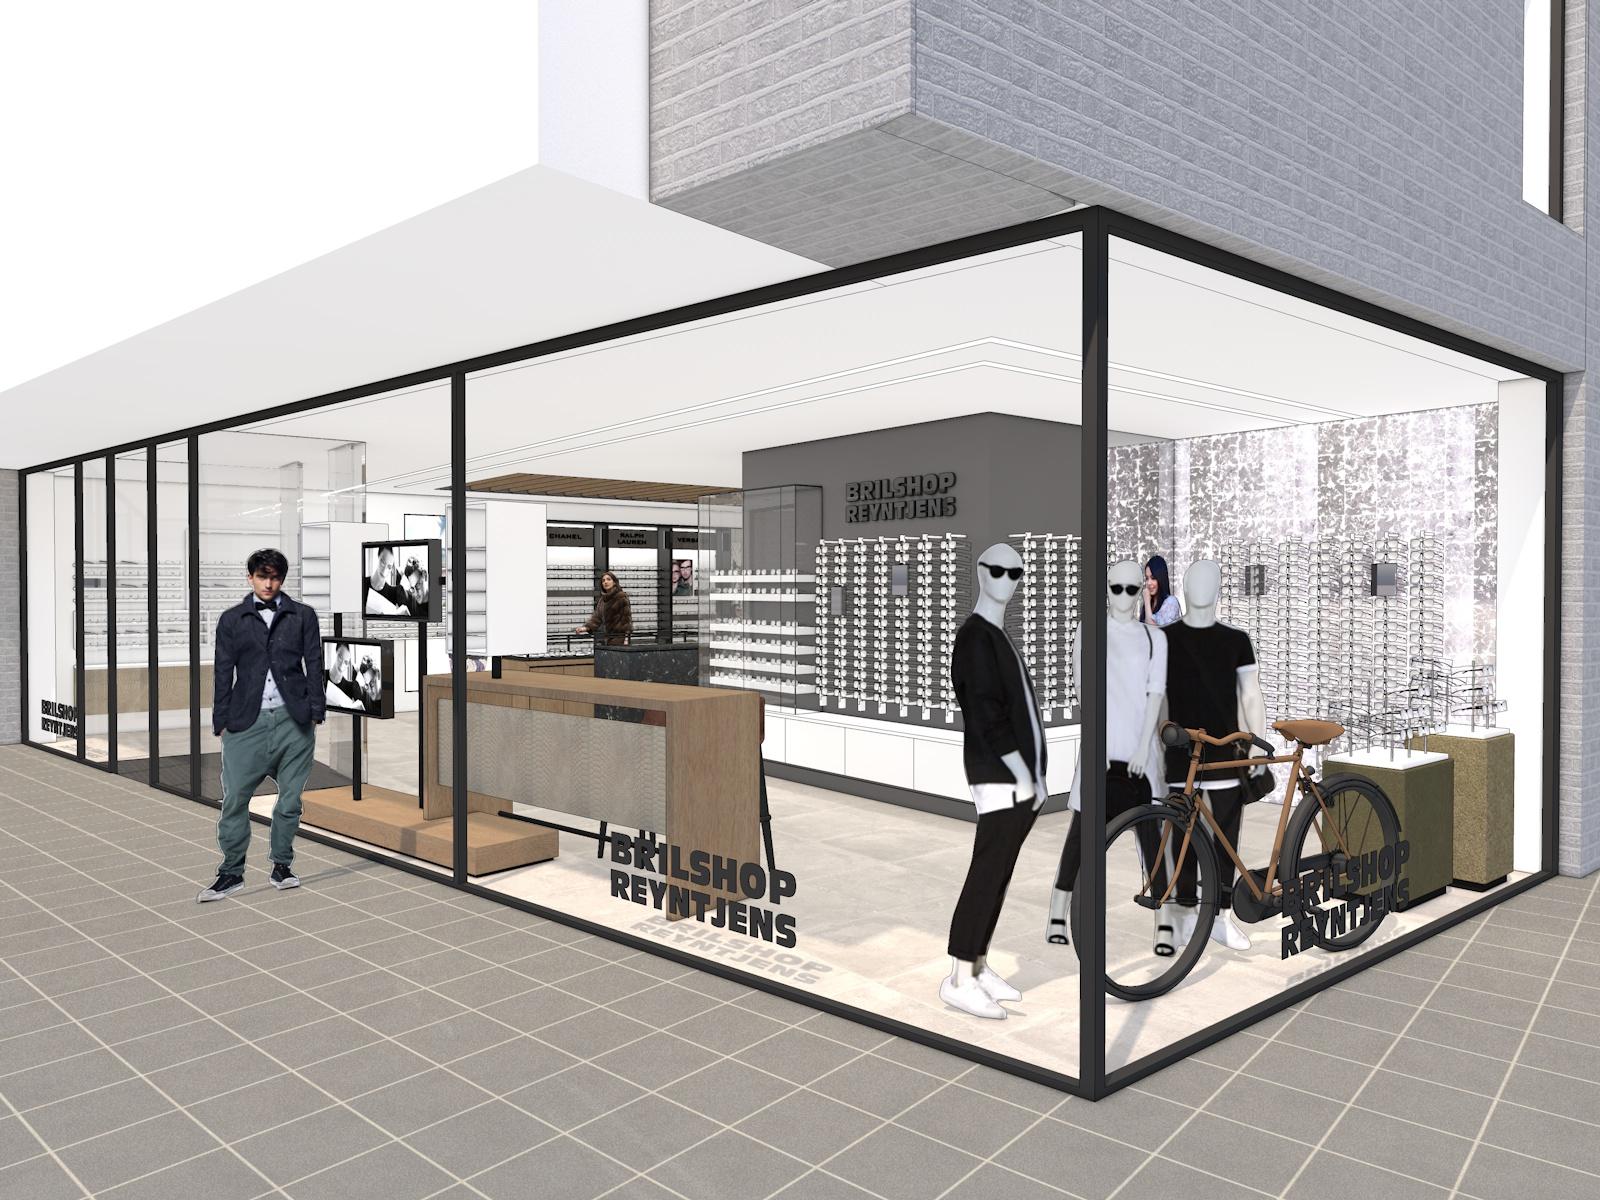 Nieuw Interieur Brilshop Reyntjens Putte